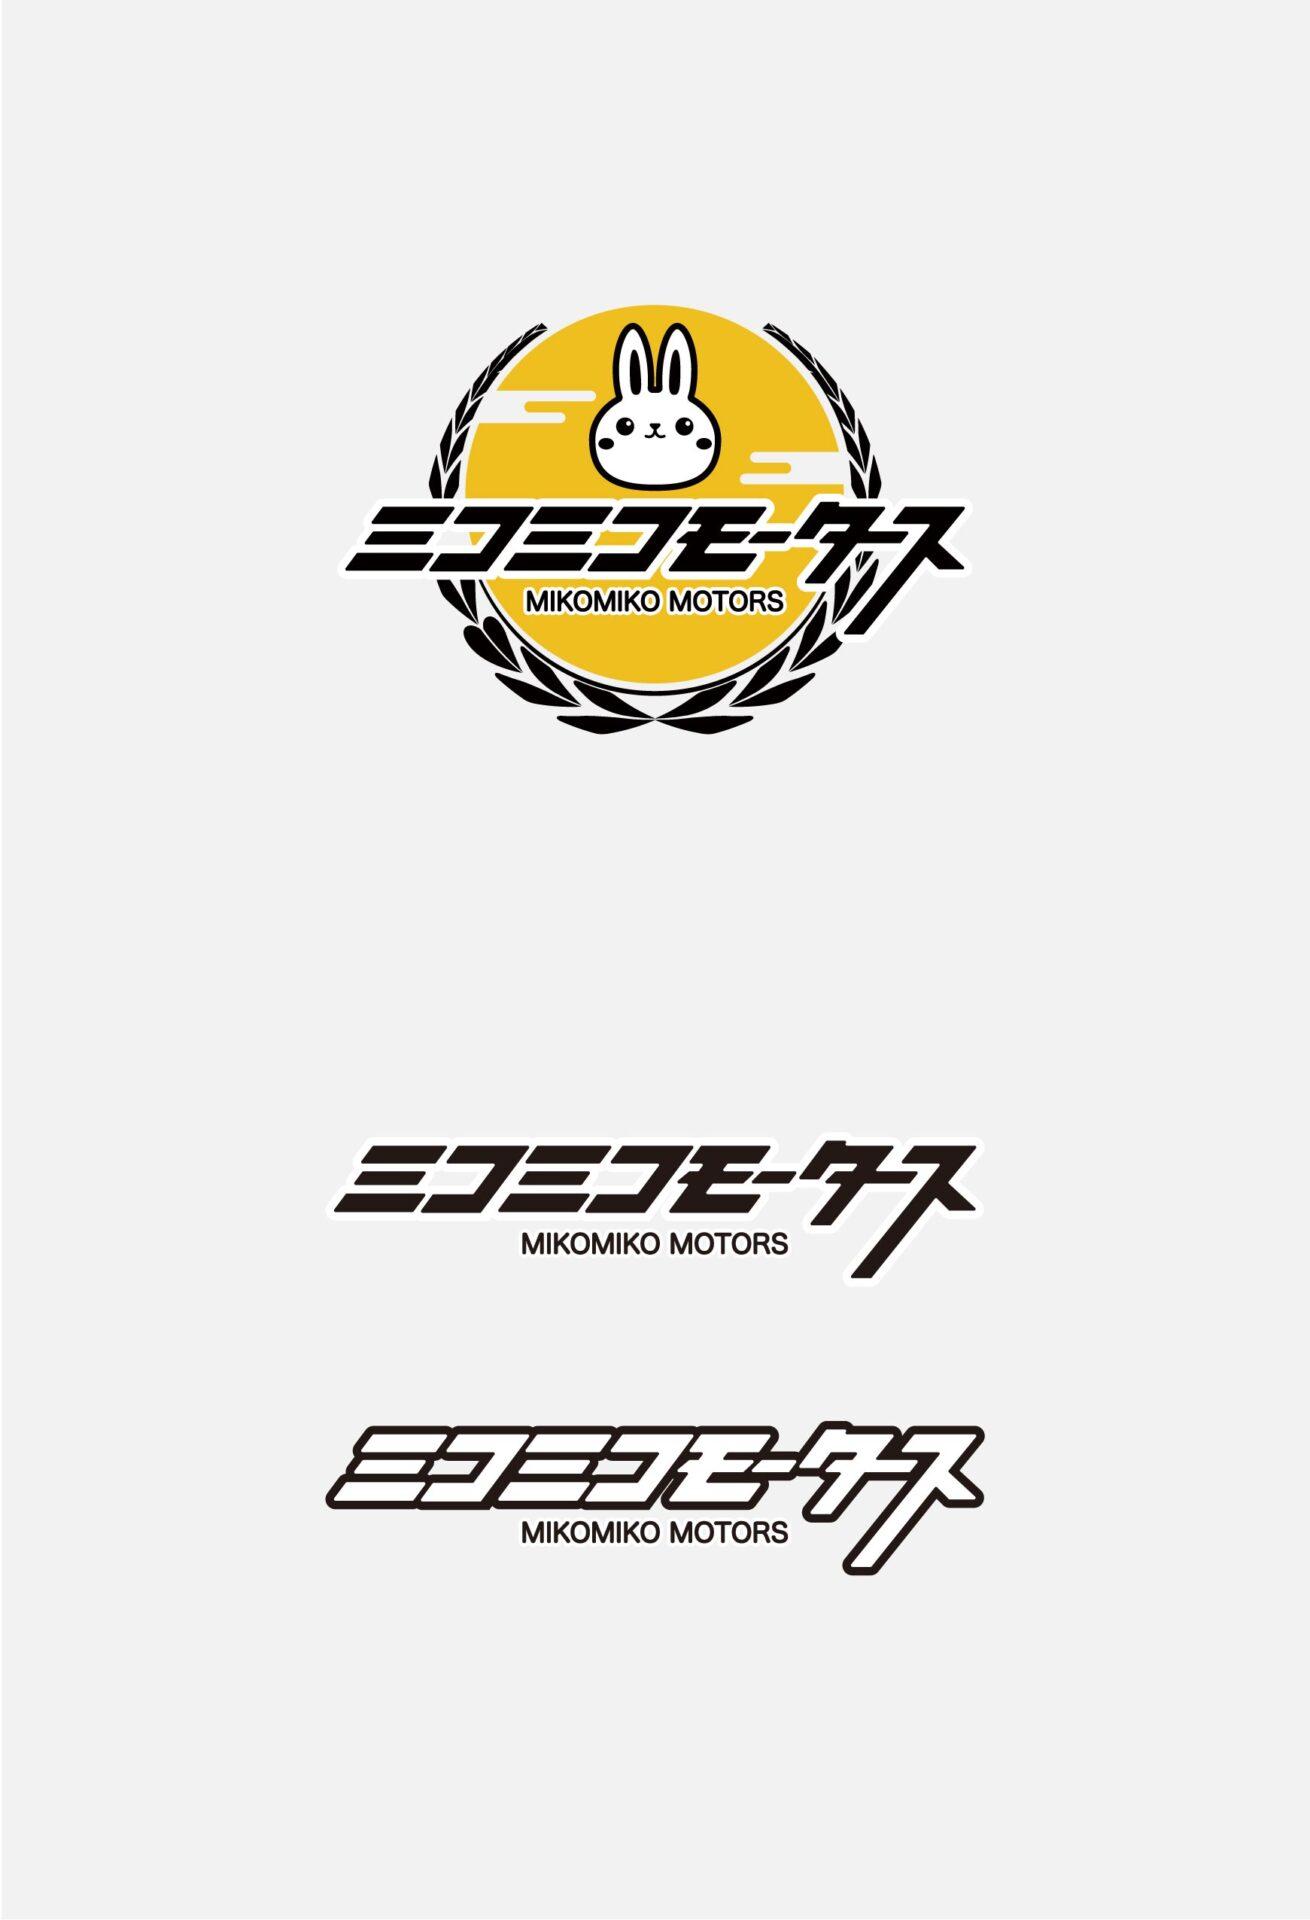 「MIKOMIKO MOTORS」の実績画像